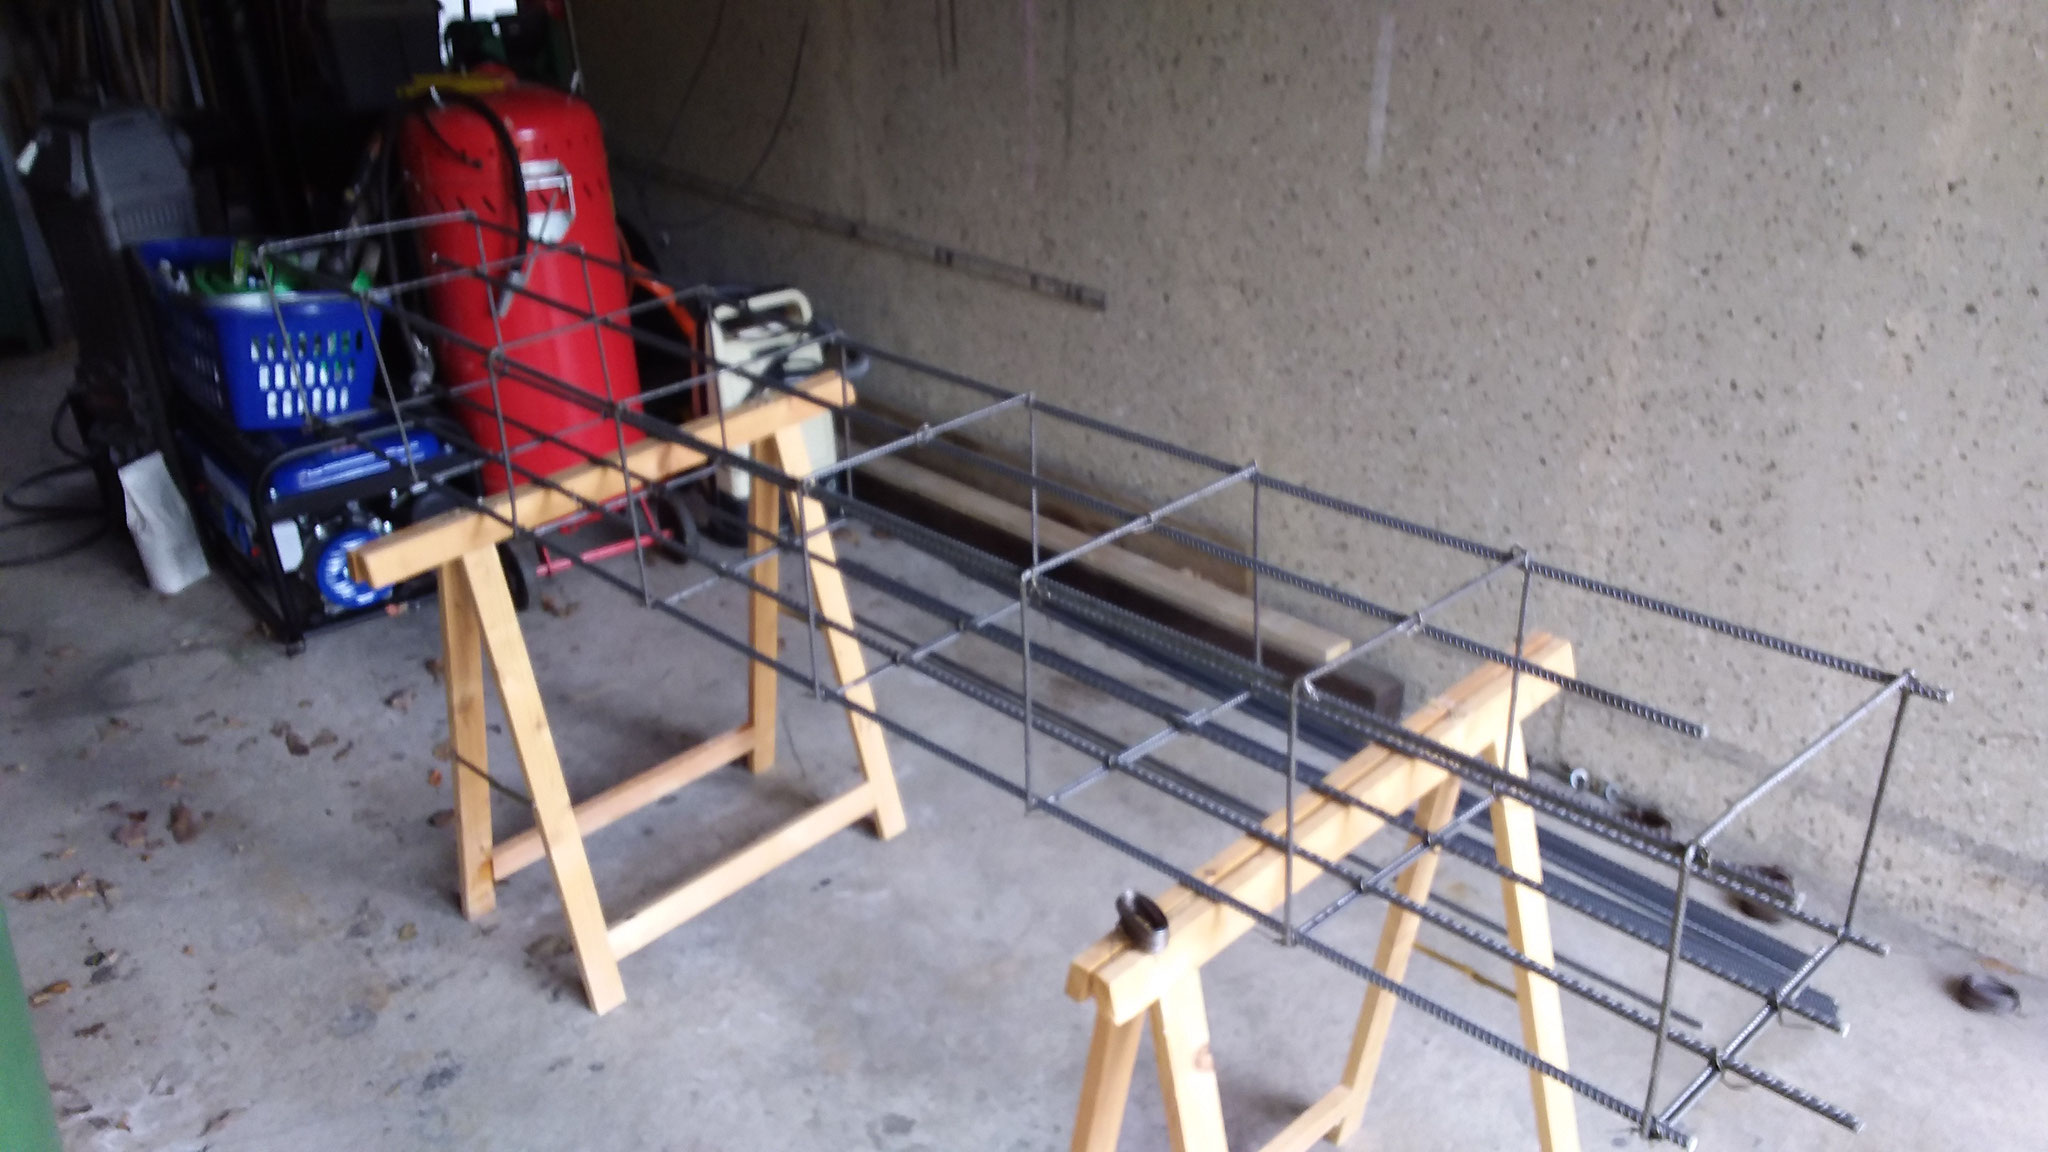 Zuhause in der Garage wurde der Drahtkorb für das Fundament vorbereitet